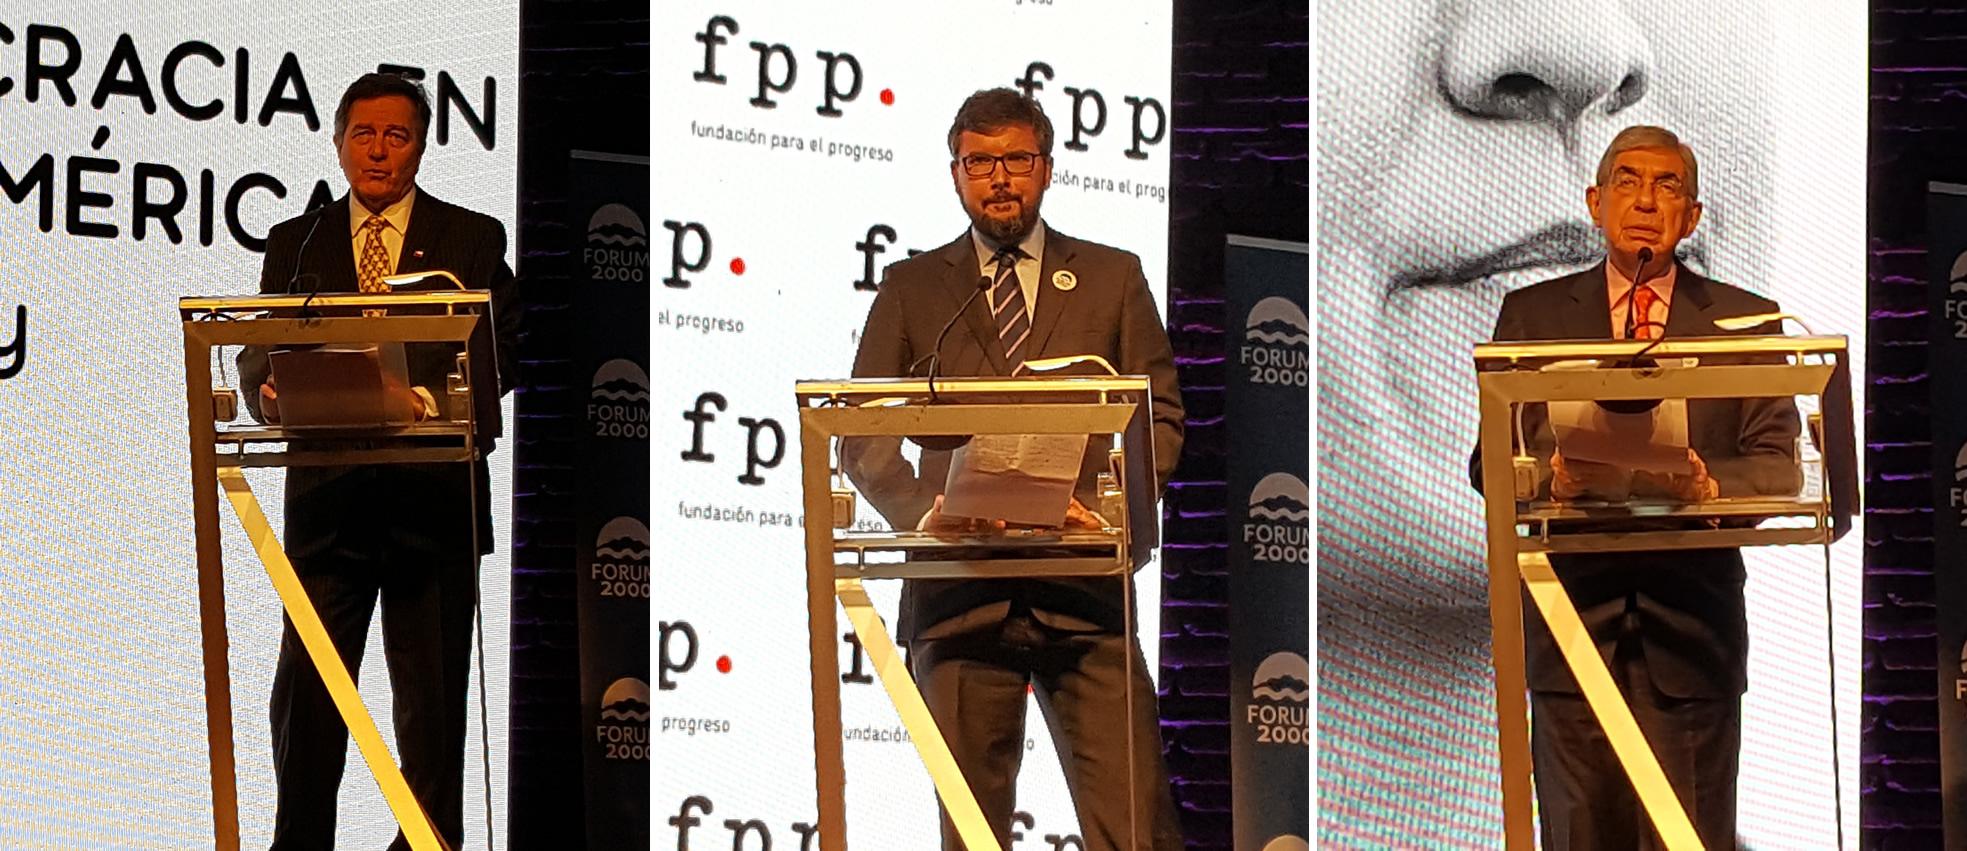 El canciller chileno Roberto Ampuero, el director de Forum 2000, Jakub Klepal y el ex presidente de Costa Rica, Oscar Arias.